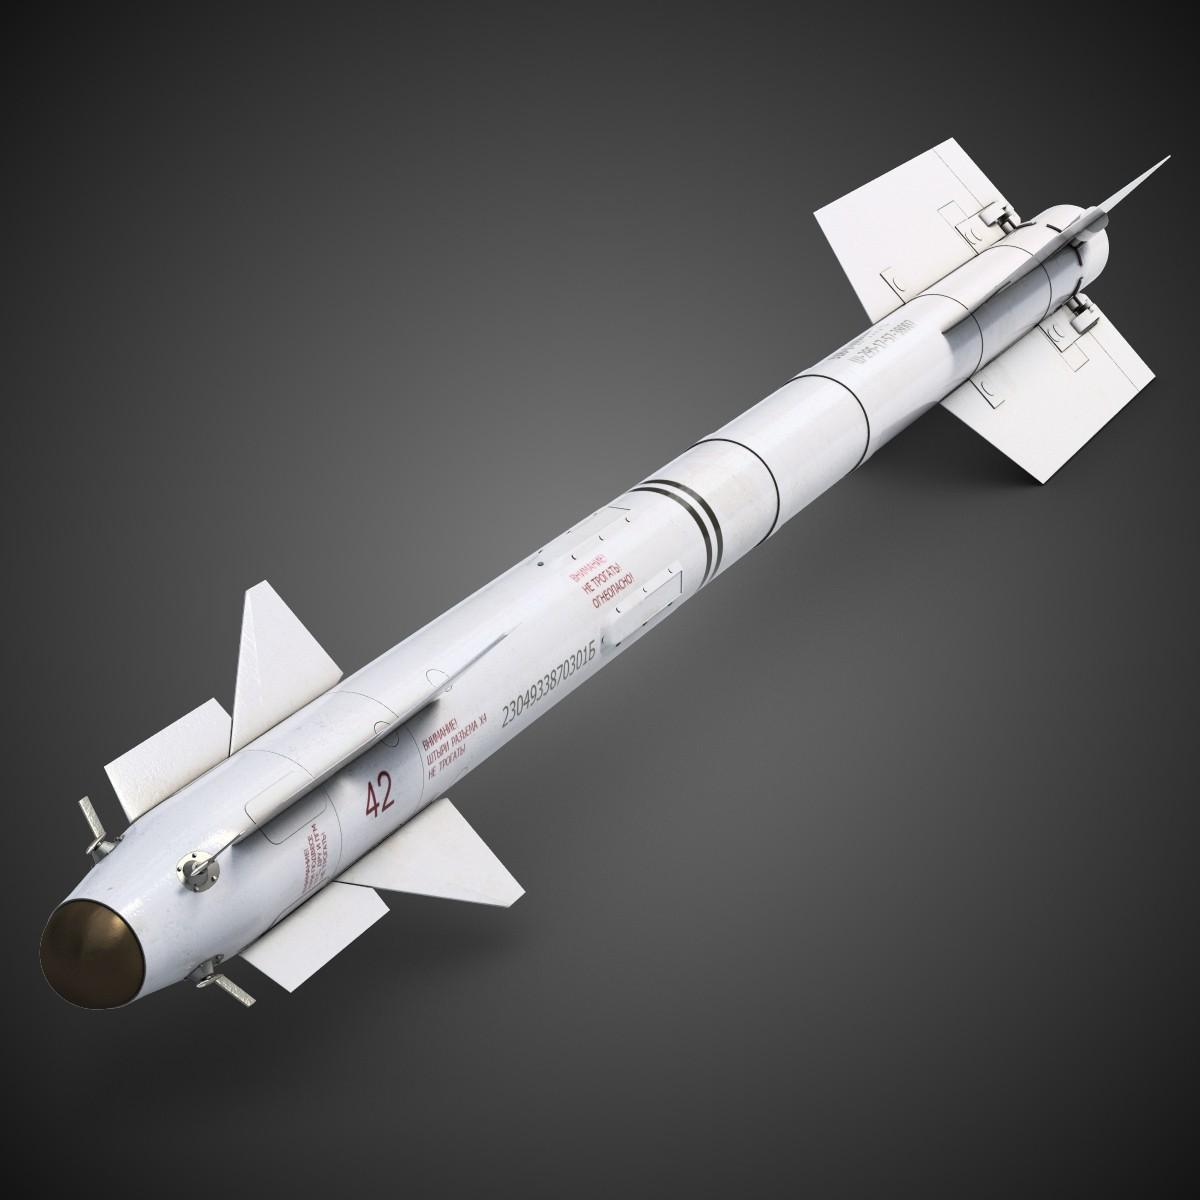 Acima: O míssil de curto alcance R-73 Archer e seus derivados modernizados são os principais misseis de curto alcance em uso no Su-35S.